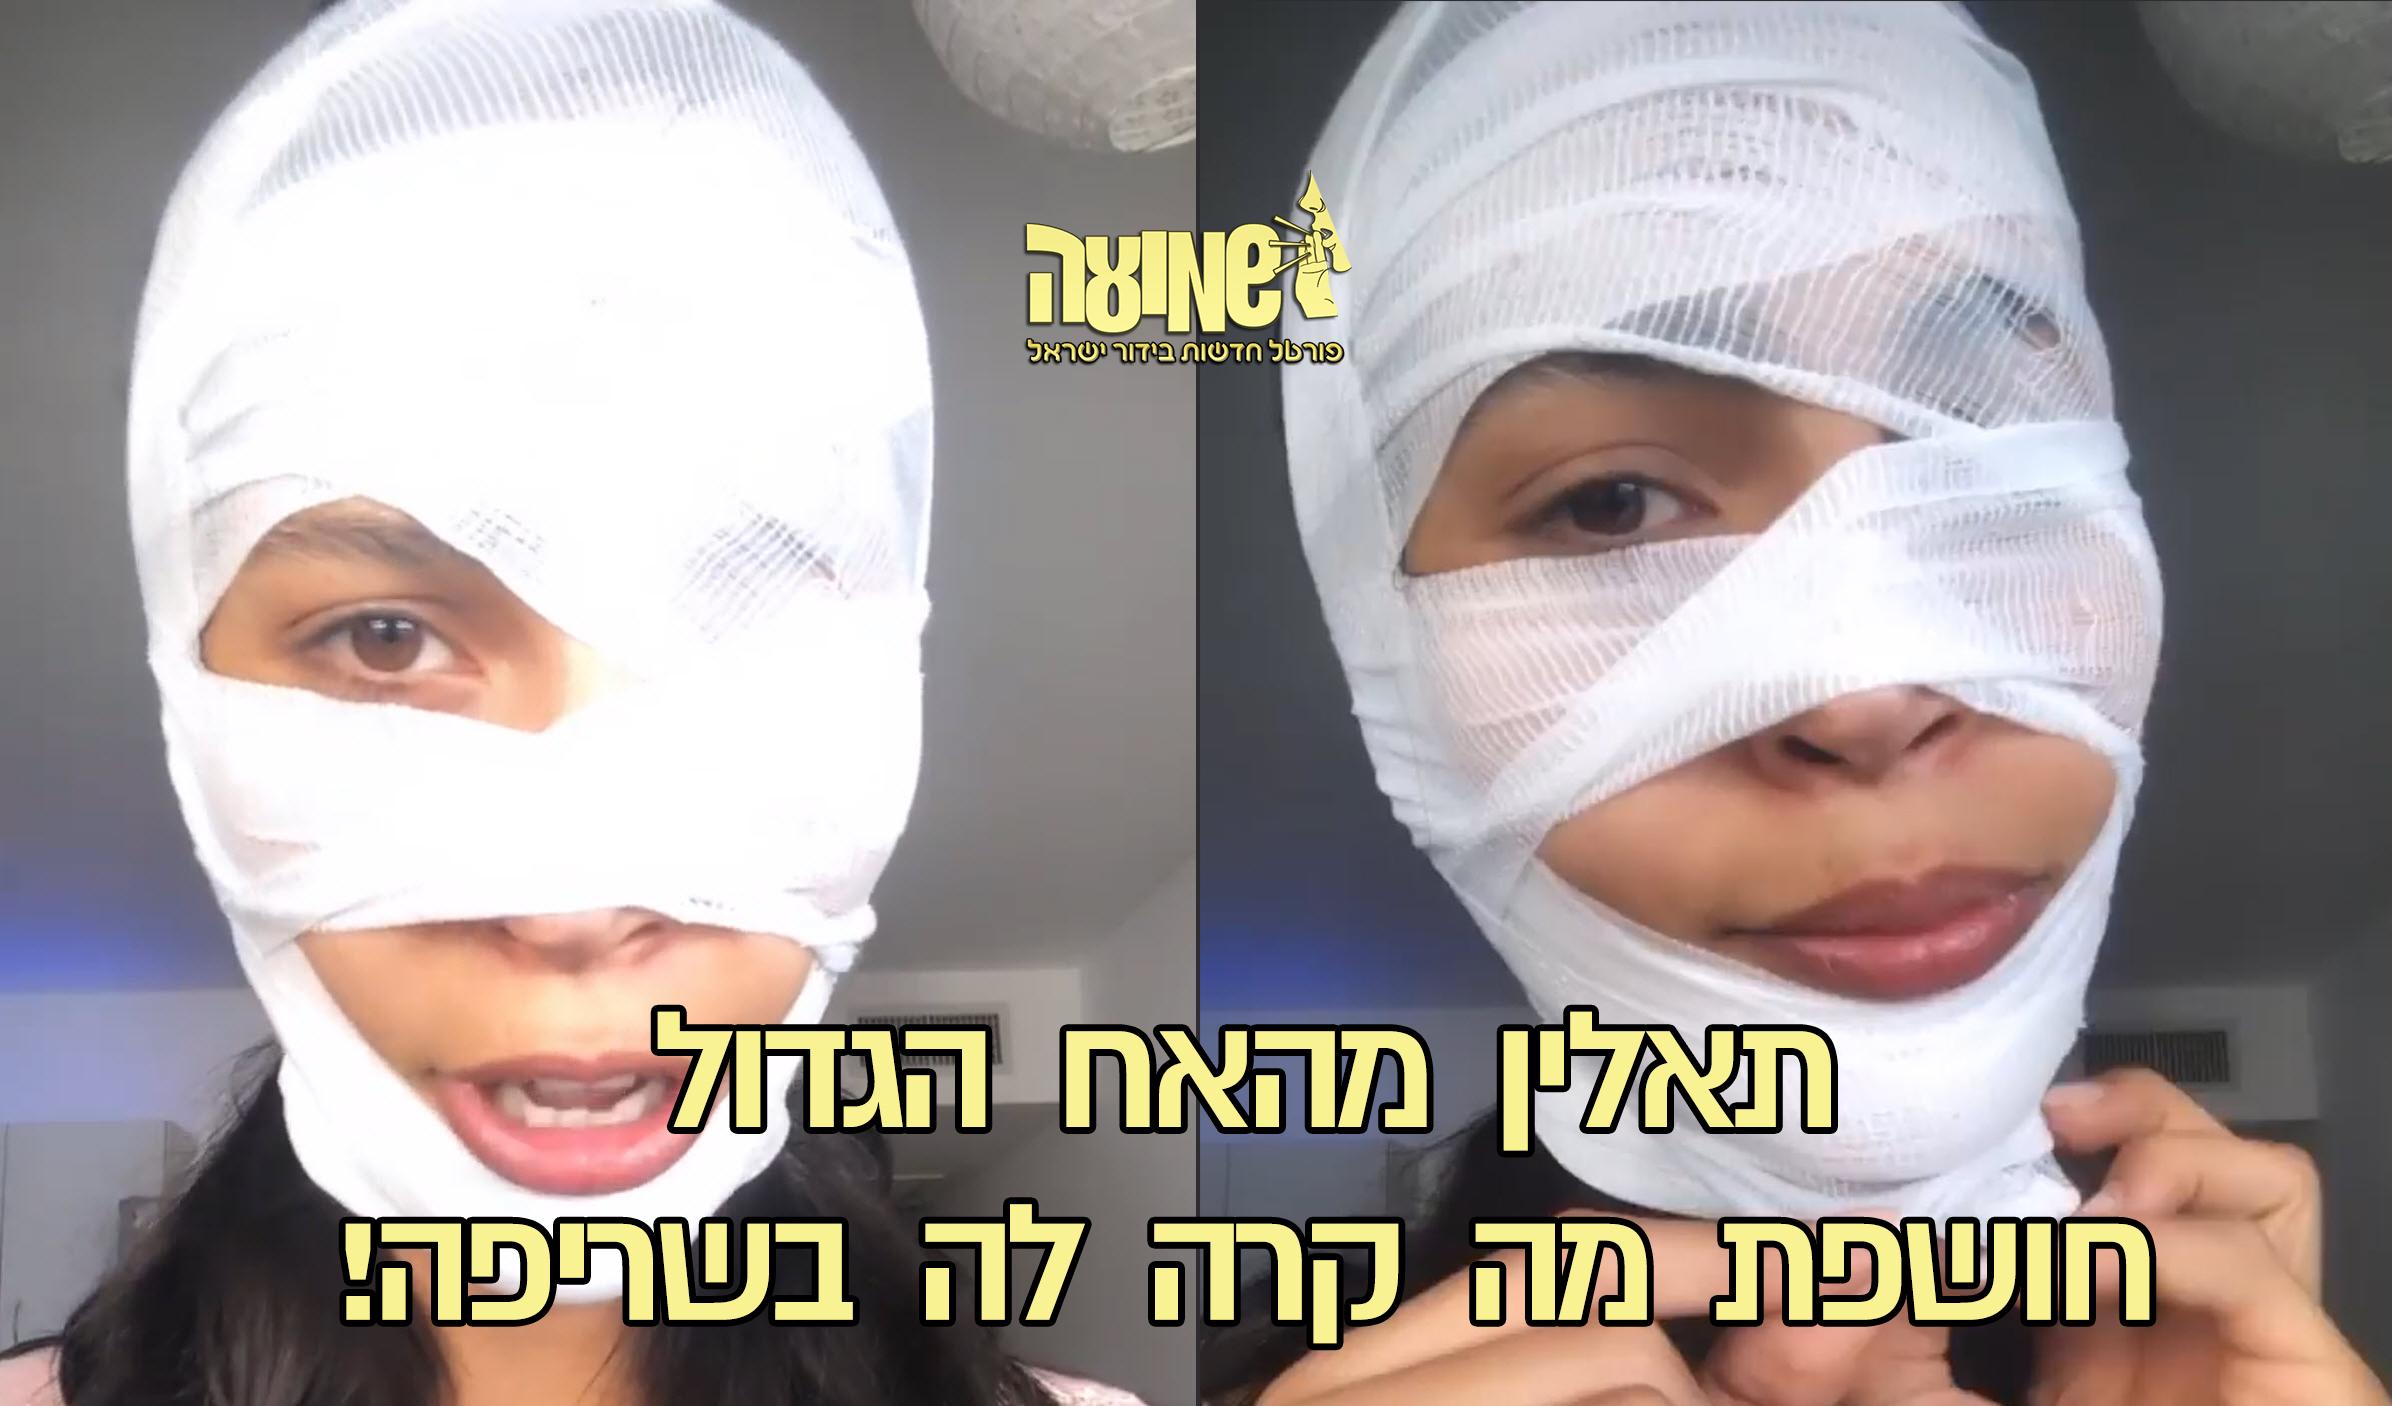 """תאלין אבו חנאן נחשפת לאחר השריפה:""""זה מה שהשם רצה"""" ויש לה מסר!"""